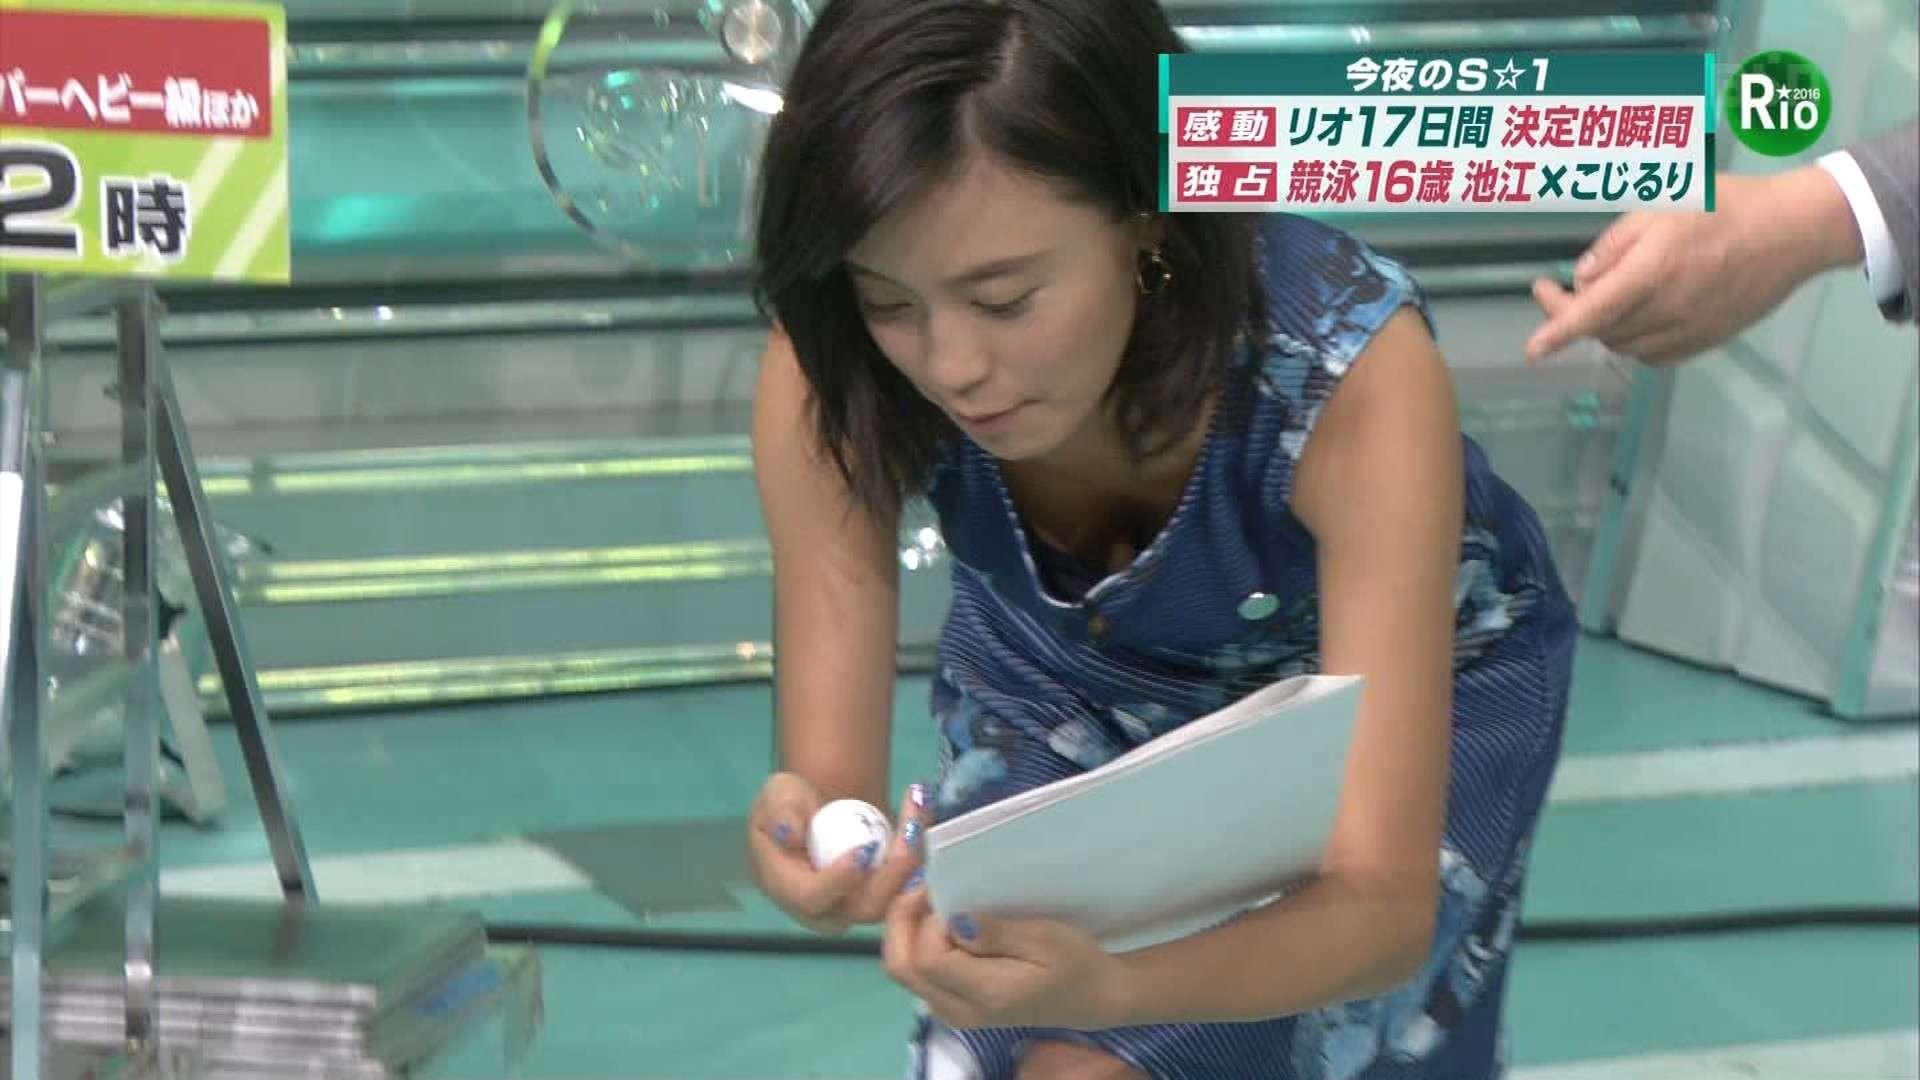 小島瑠璃子のエロ画像とお宝エロ画像